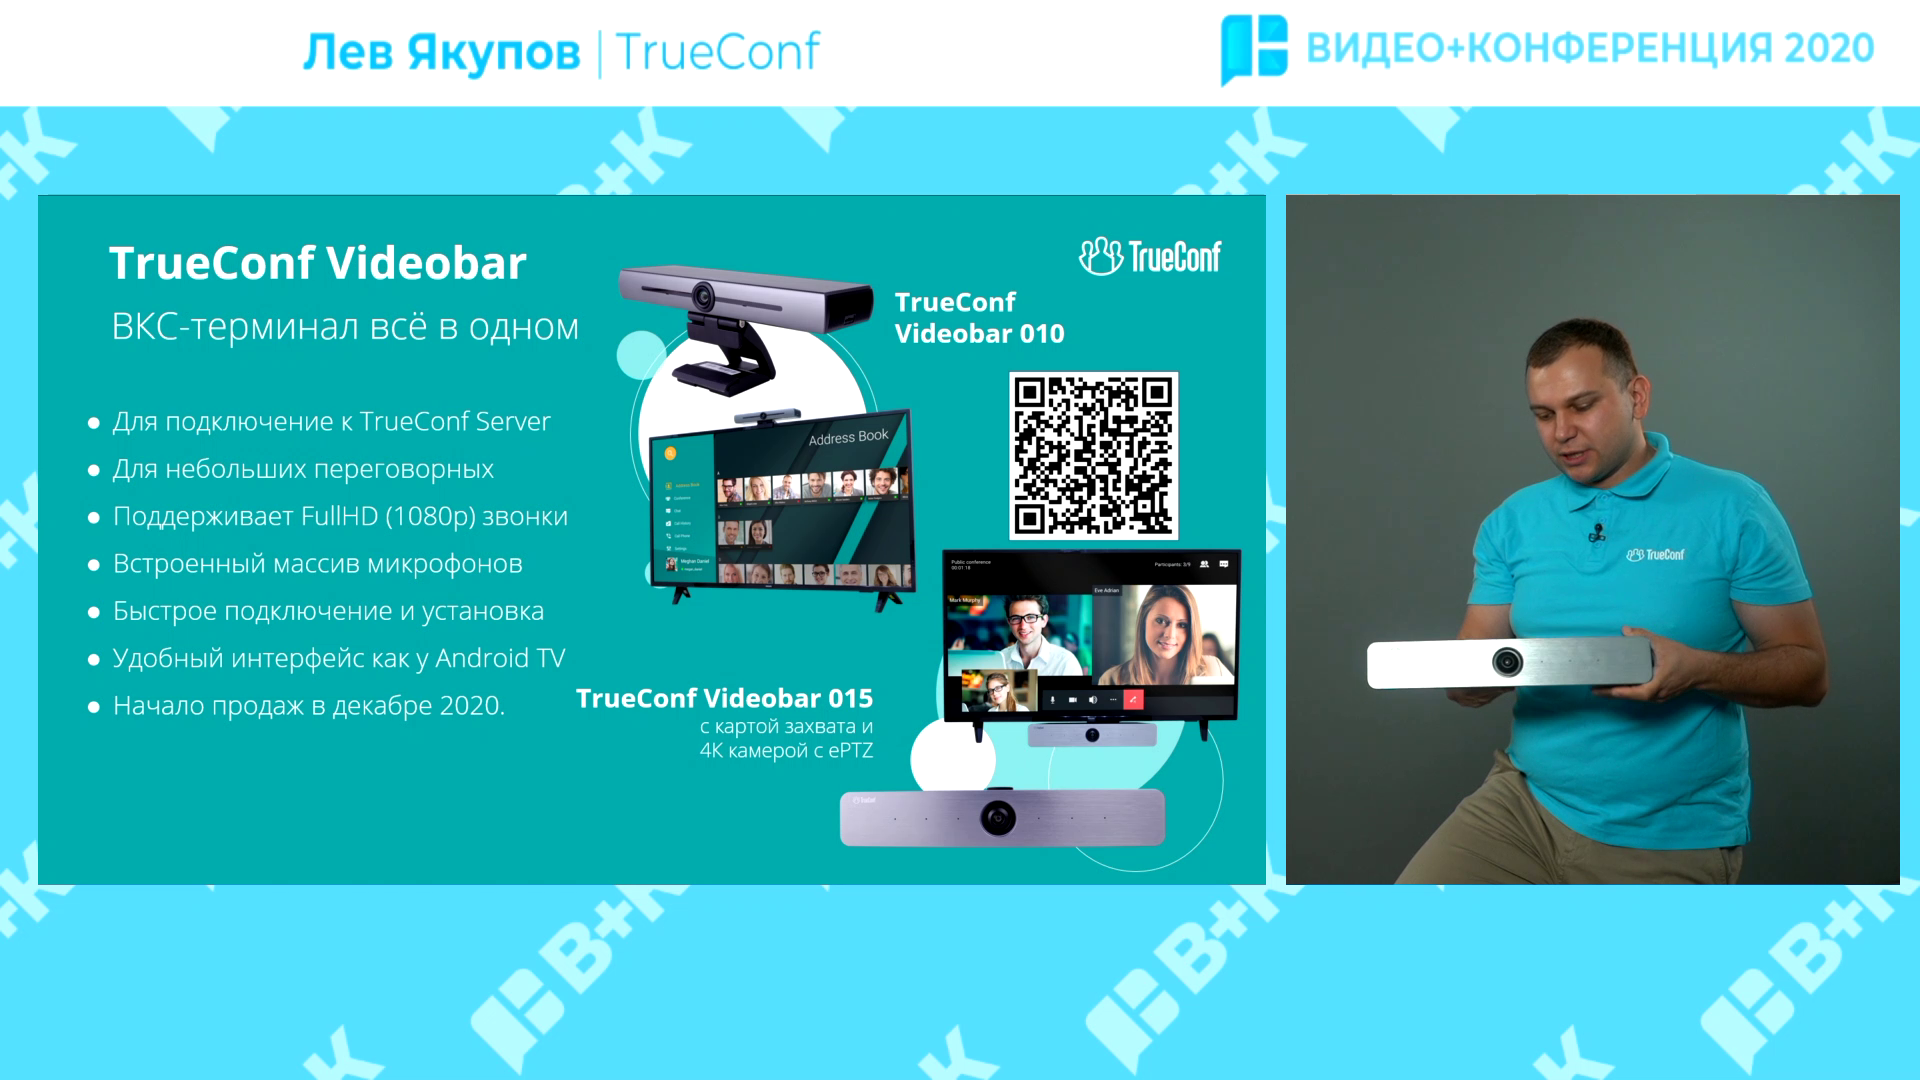 «Видео+Конференция 2020» прошла в онлайн-формате 3